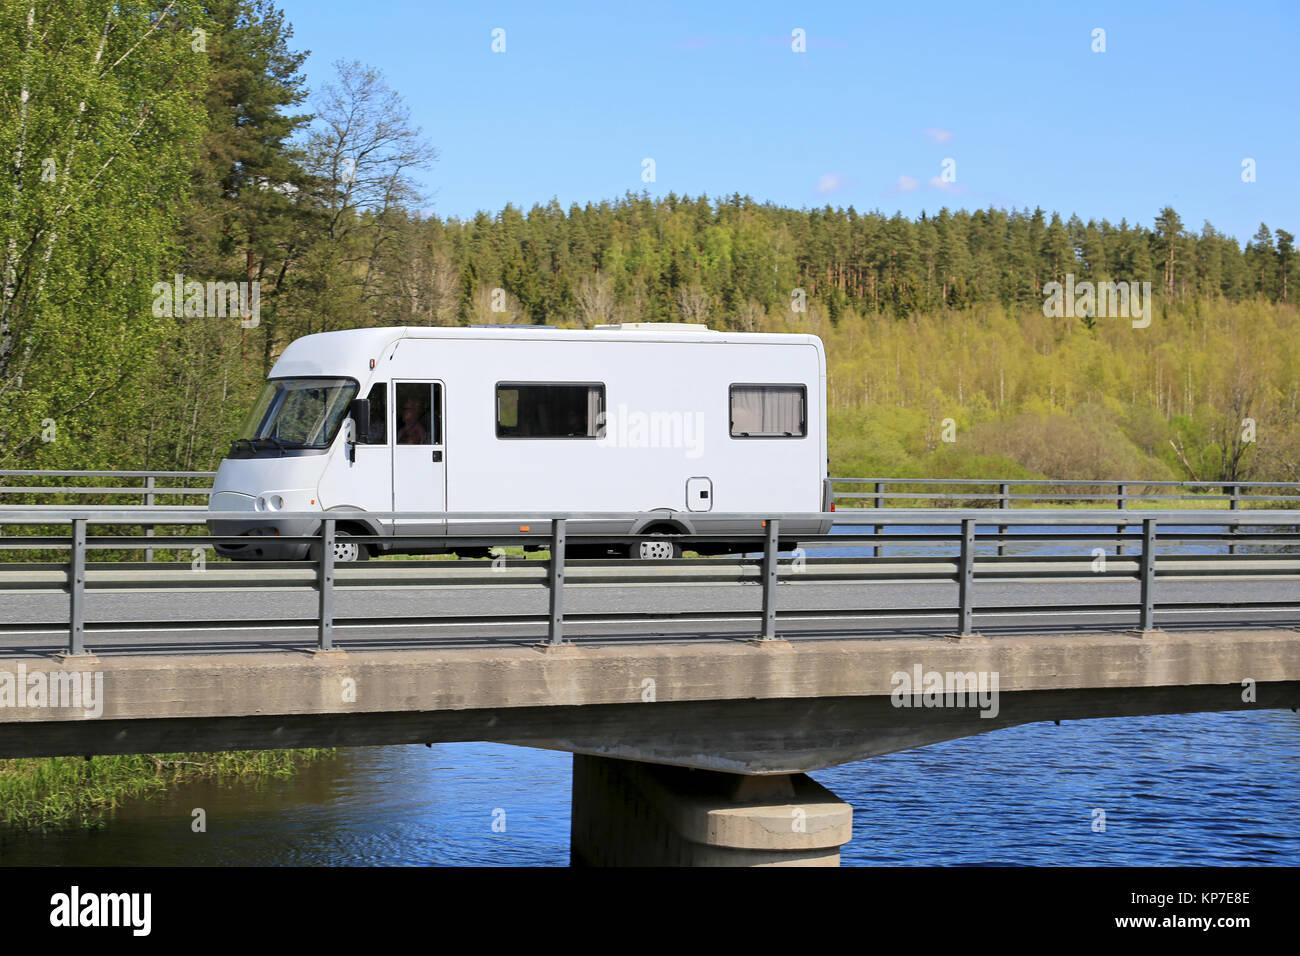 White camping voyageant le long de la route panoramique sur un pont au-dessus de l'eau à l'été. Banque D'Images